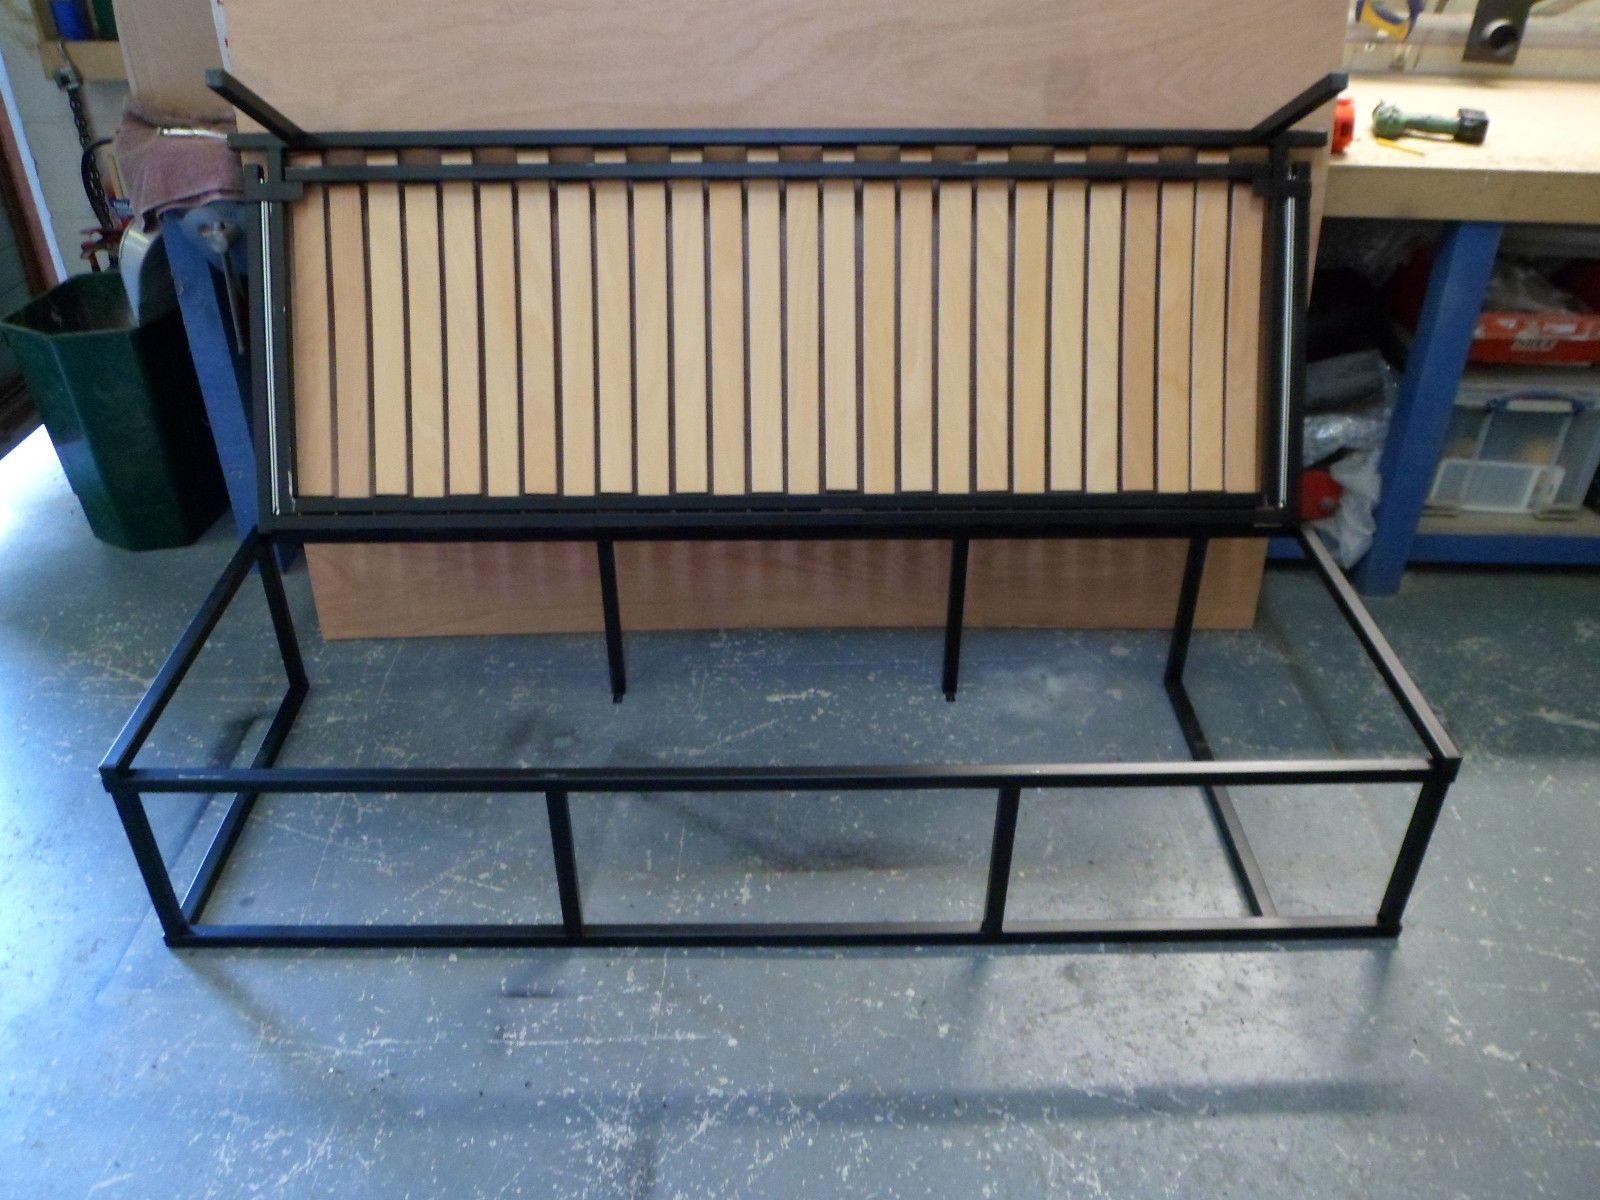 campervan camper motorhome side sliding bed/seat not rock